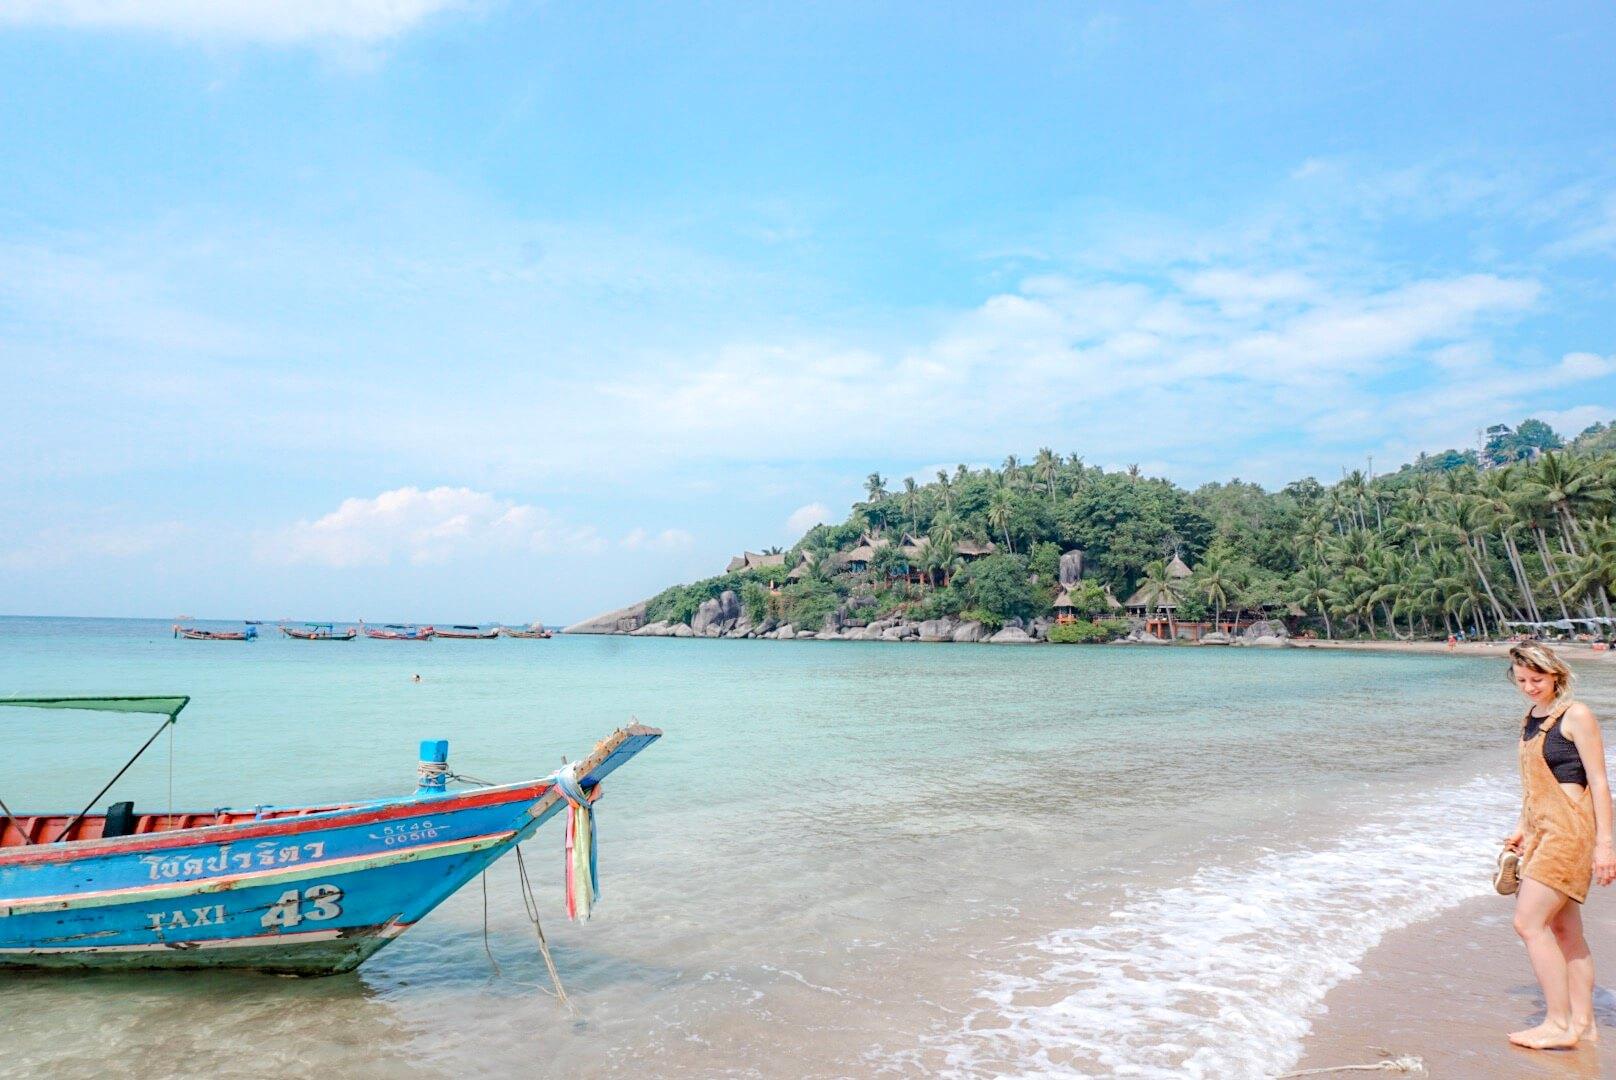 belle plage koh tao sairee beach thailande